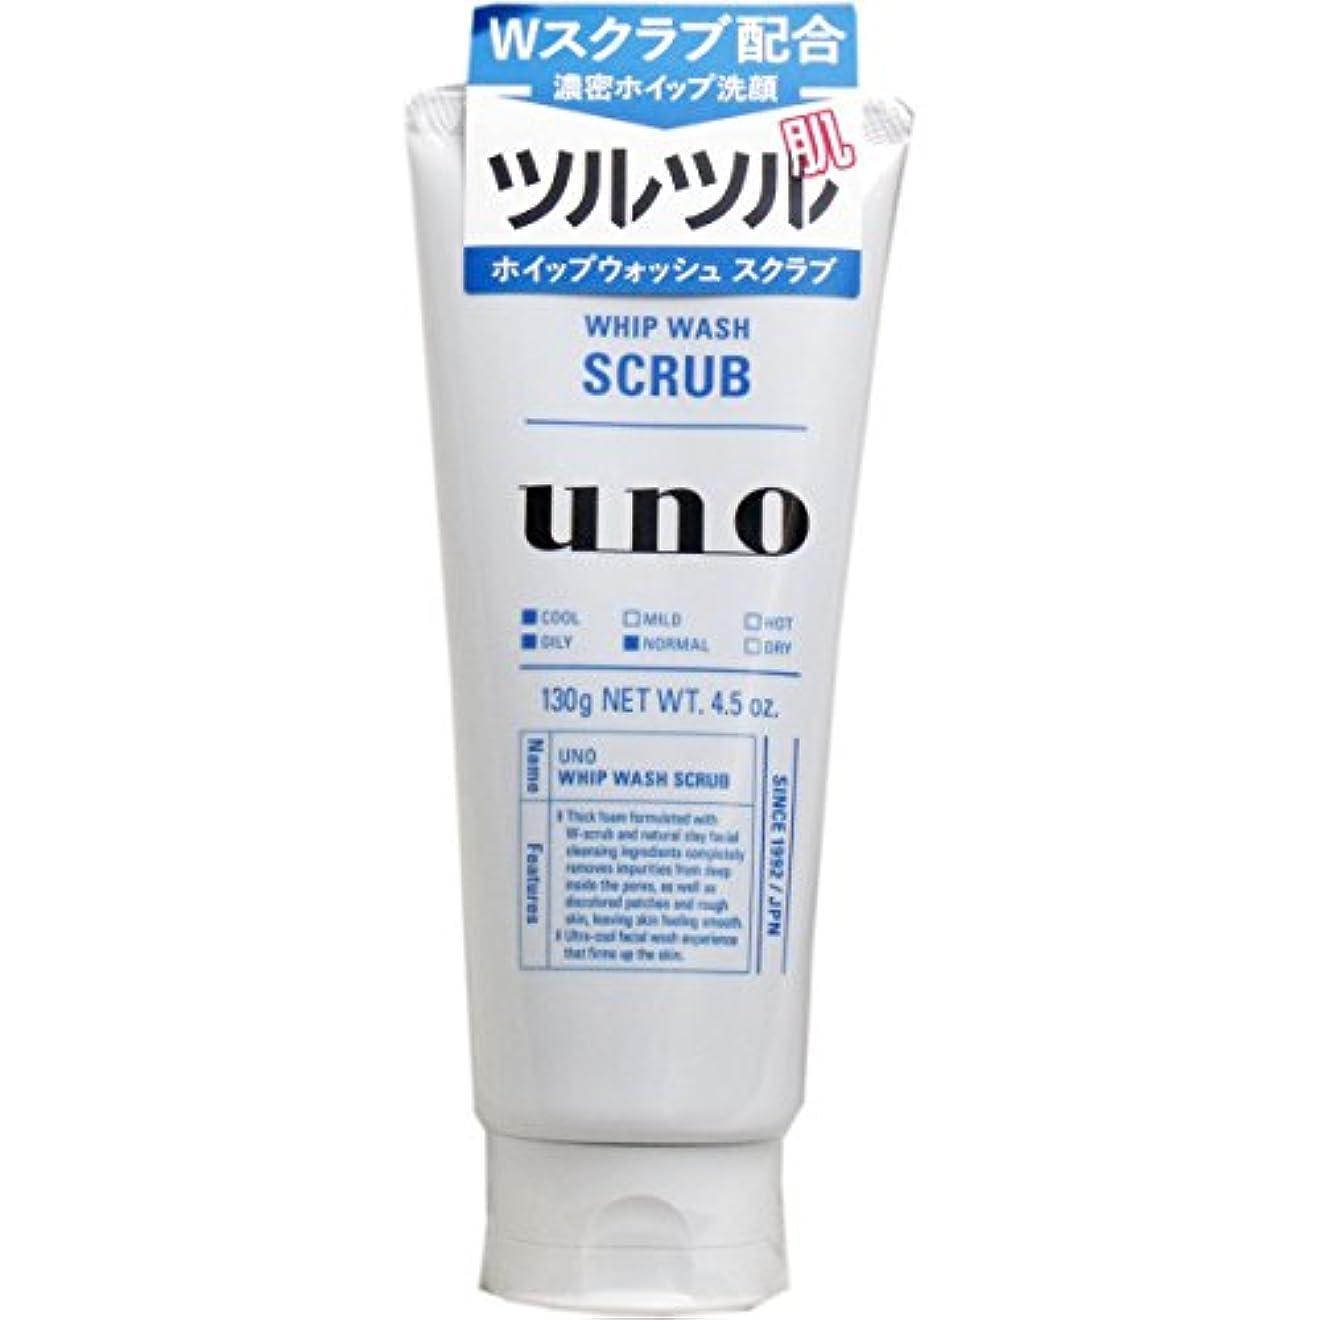 バックグラウンド間隔時系列【資生堂】ウーノ(uno) ホイップウォッシュ (モイスト) 130g ×3個セット